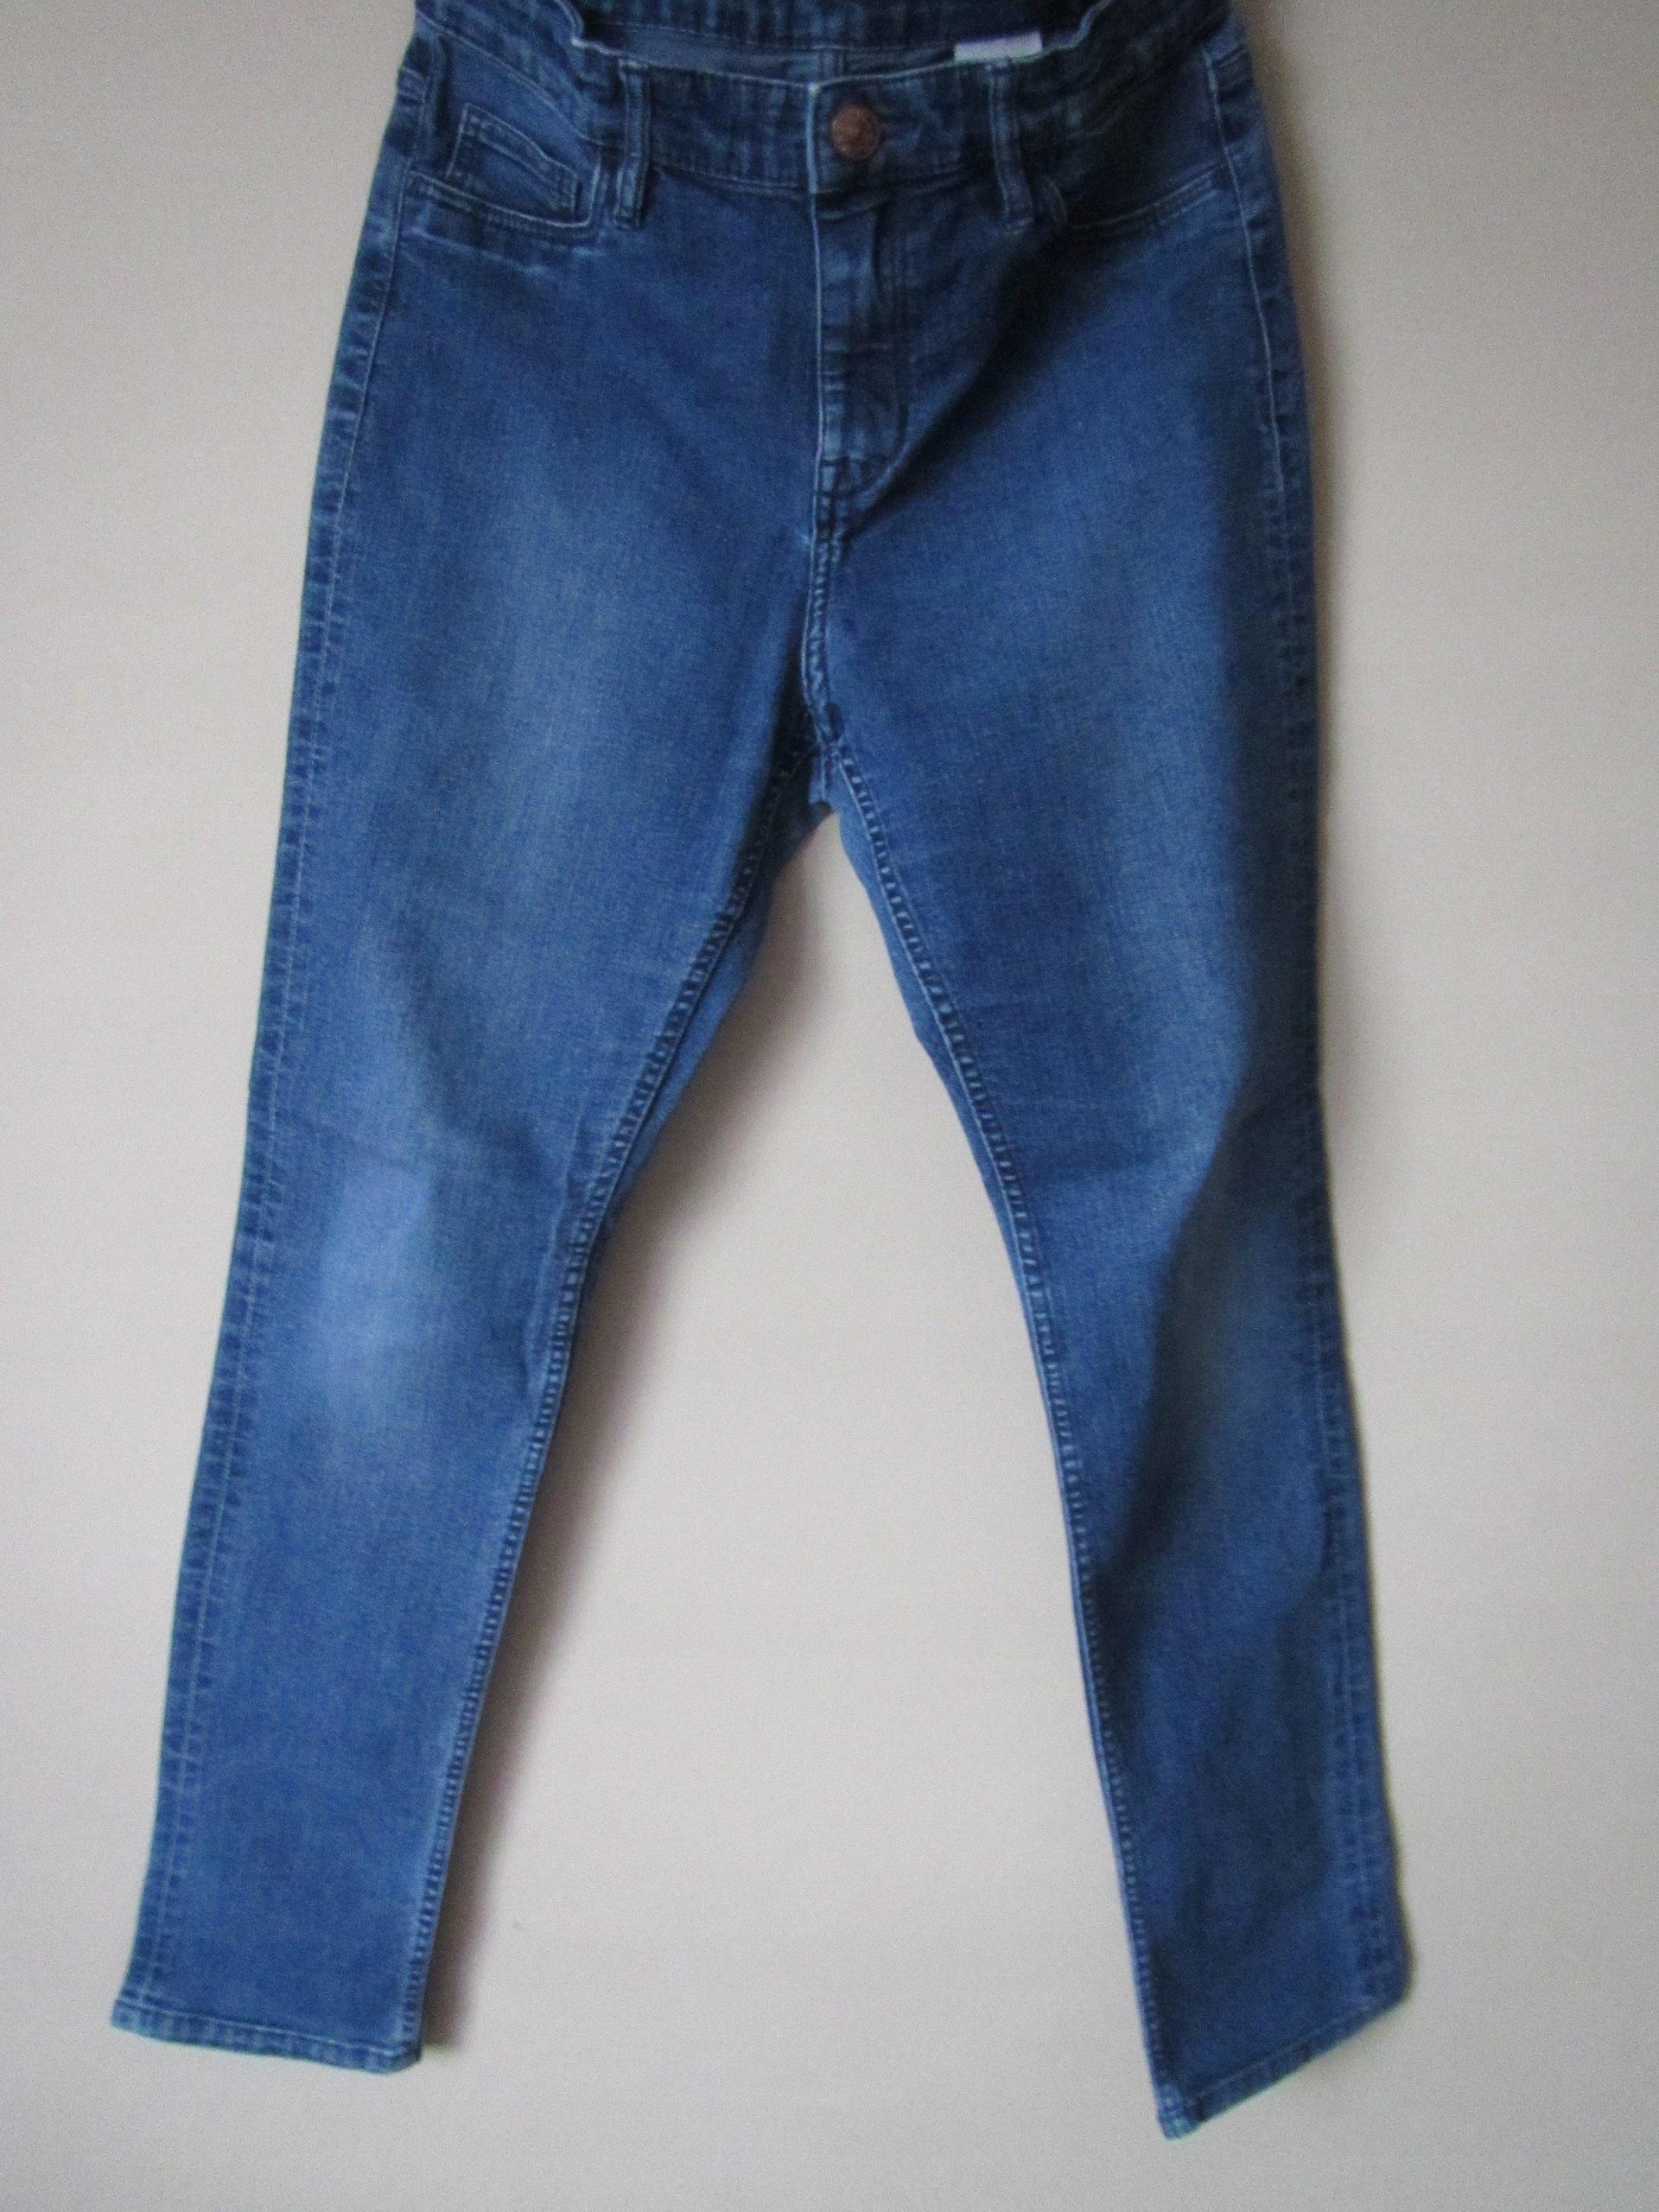 95be90021be5 Spodnie jeansy H M r.146 (10-11 lat) +legginsy - 7569395750 ...